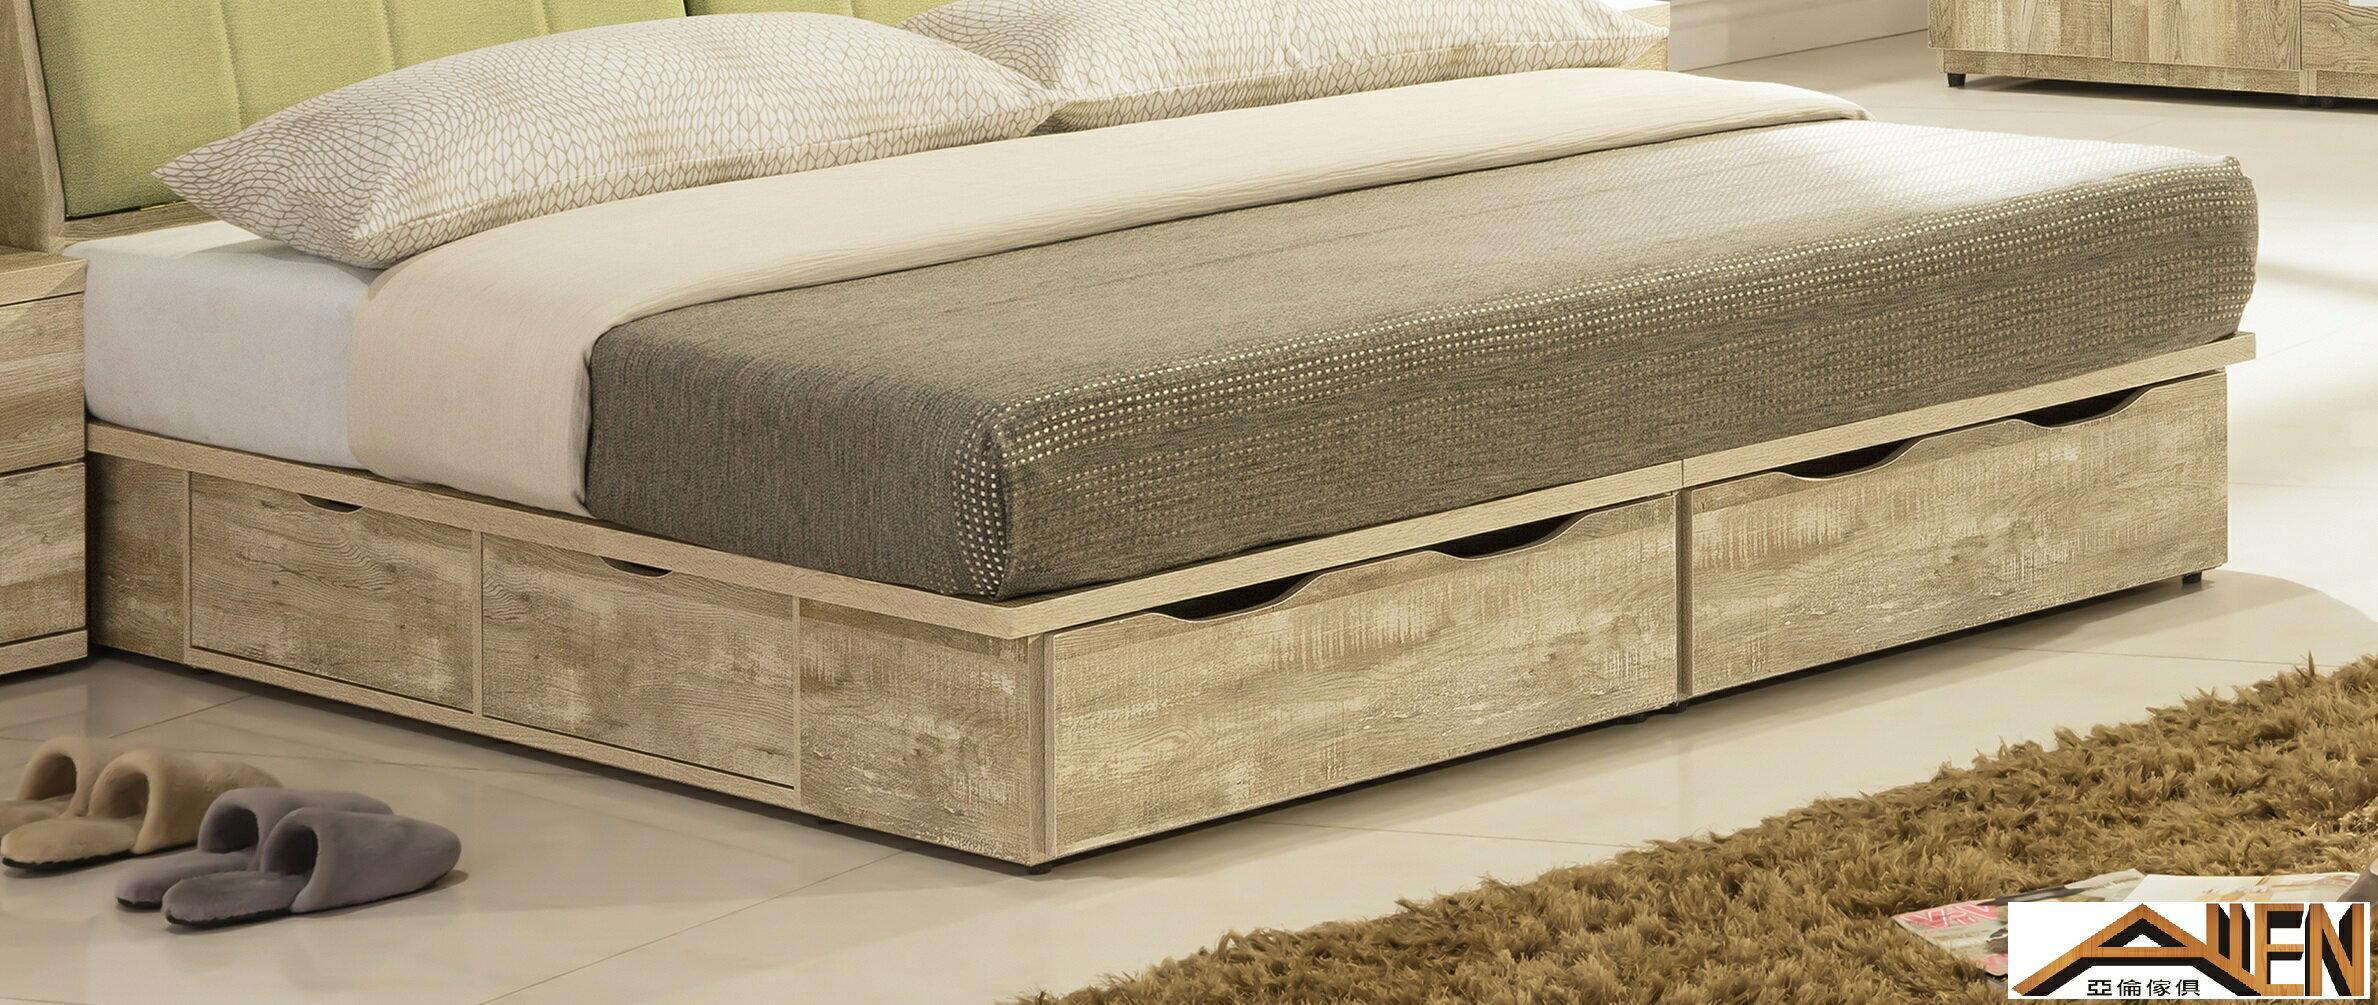 亞倫傢俱*卓希普橡木色雙人加大6抽屜式床底